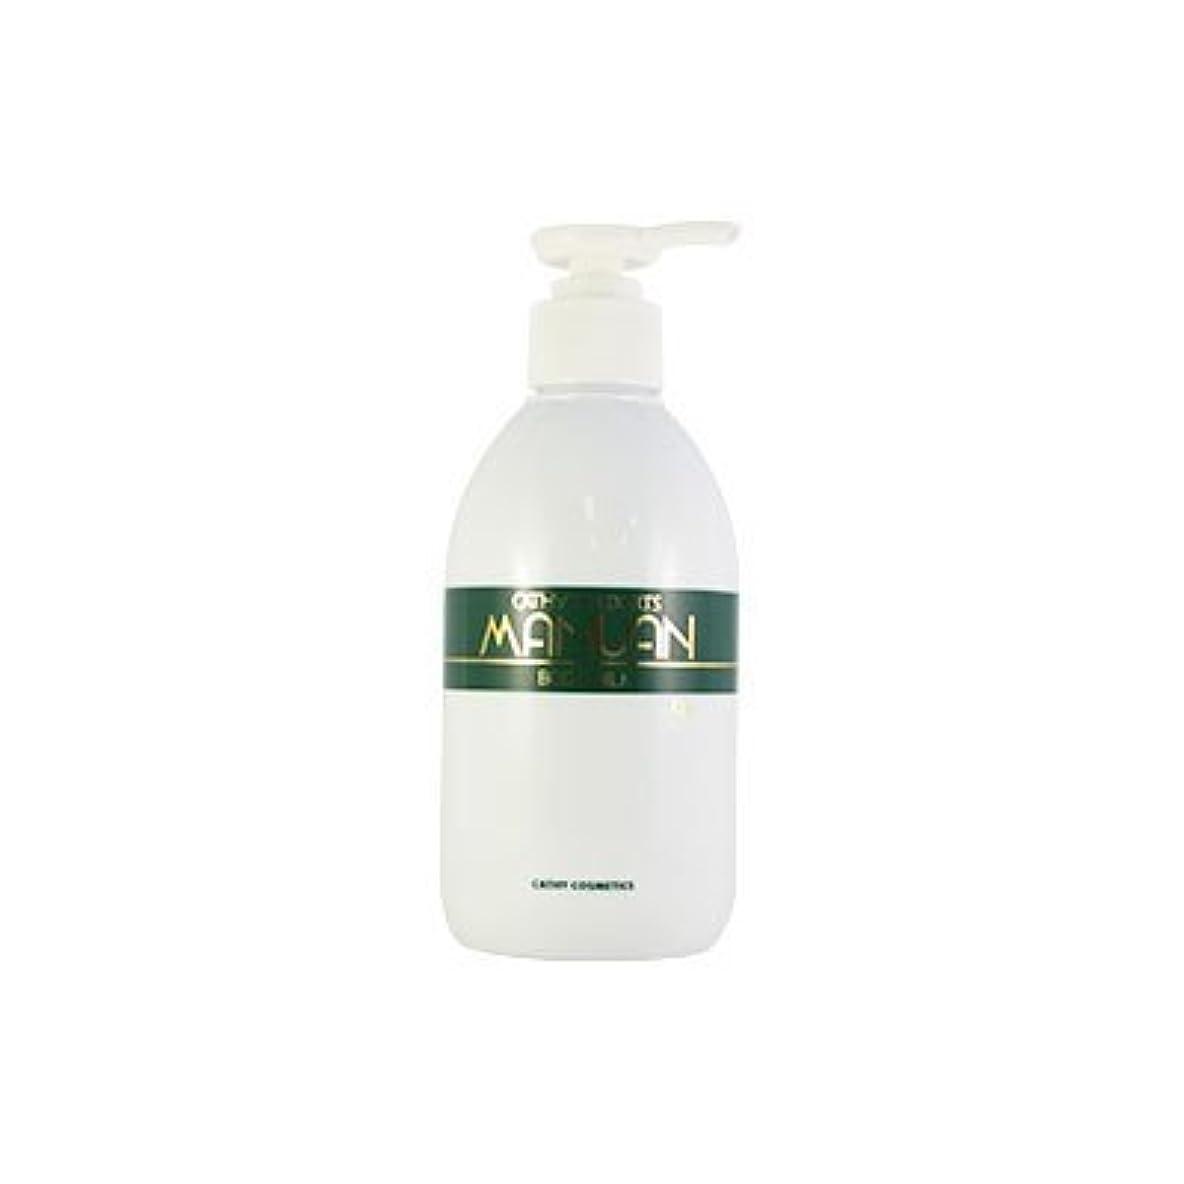 光沢のある解明切るカシー化粧品 (CATHY) ボザール マニュアン ボディミルク 〈ボディ用乳液〉 250mL [並行輸入品]